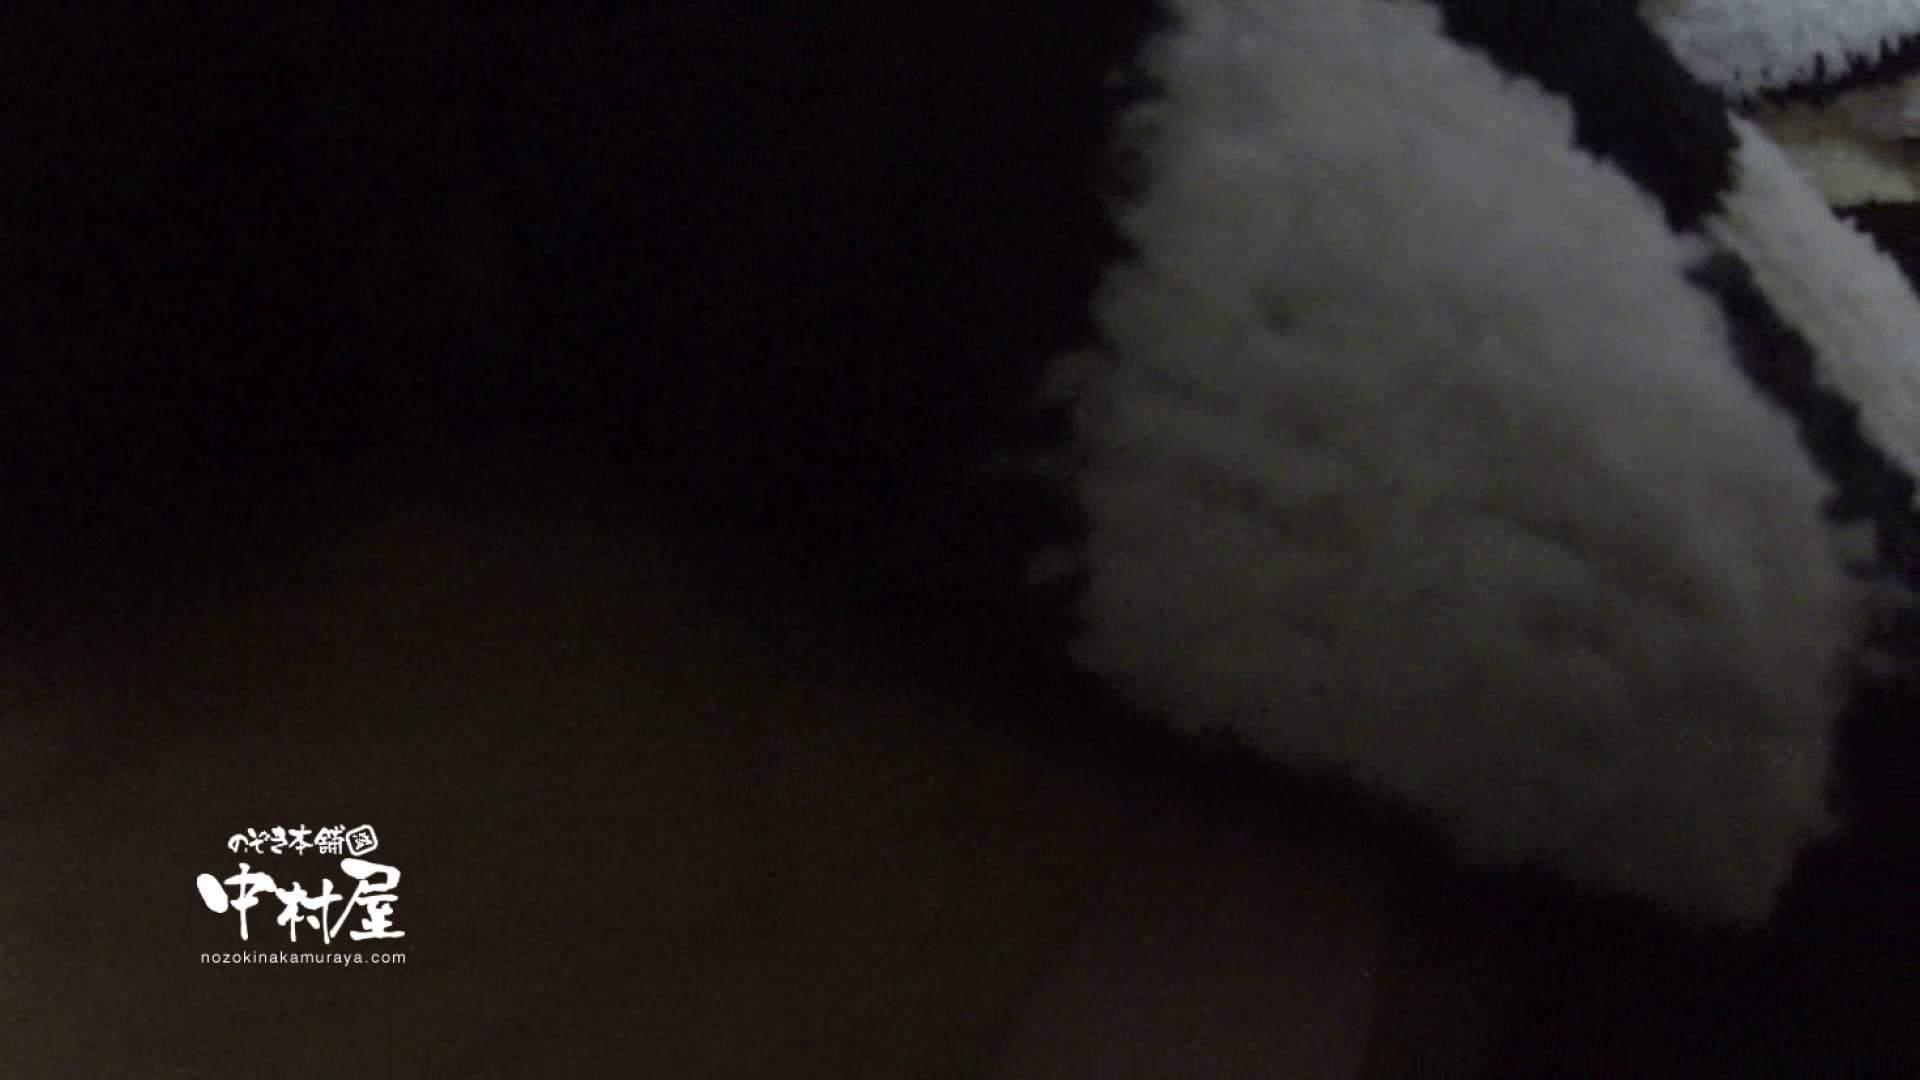 鬼畜 vol.09 無慈悲!中出し爆乳! 後編 爆乳天国 | 美しいOLの裸体  91pic 37